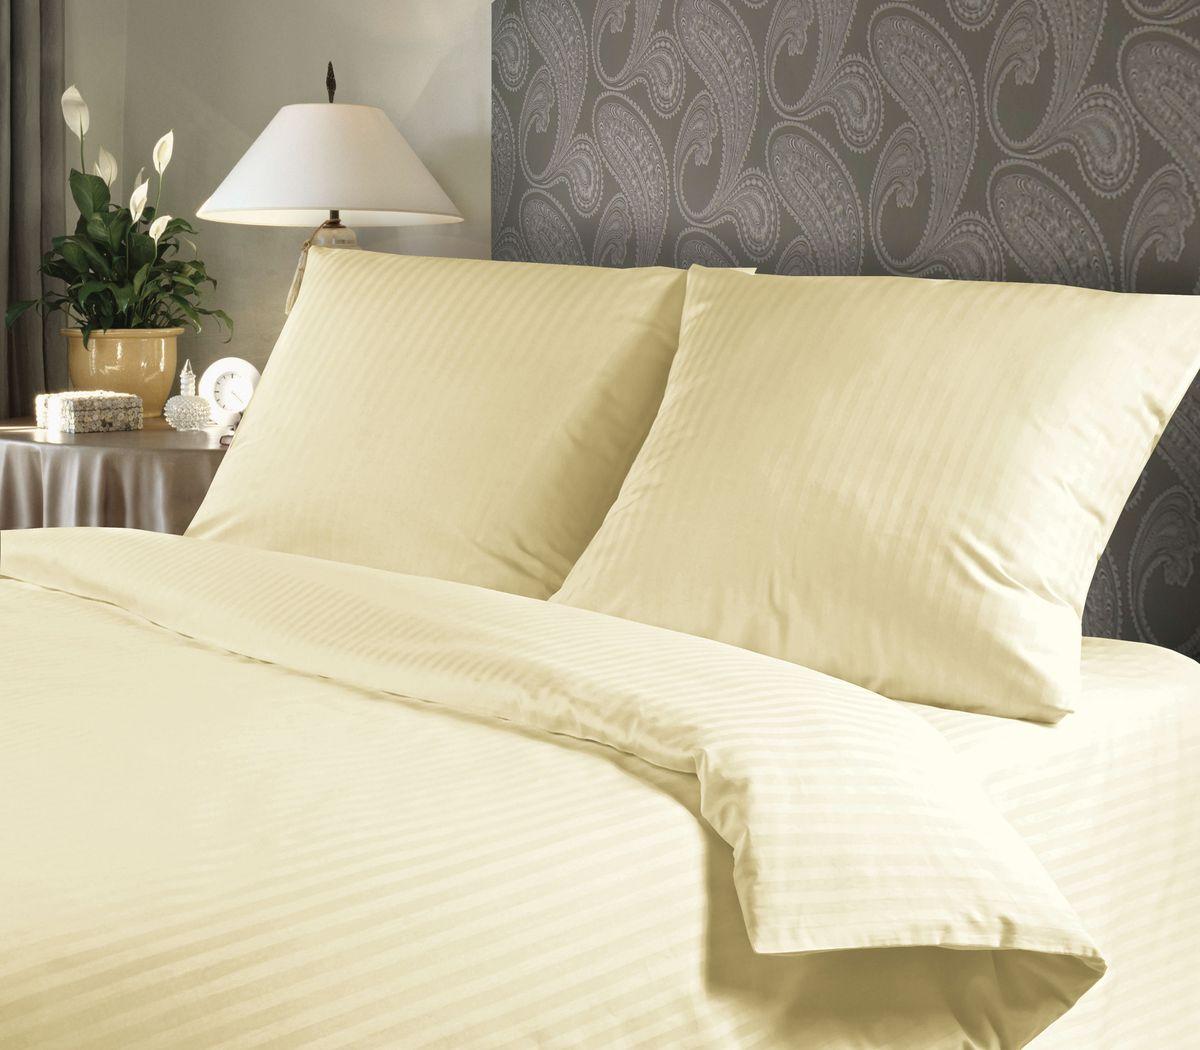 Комплект белья Verossa Amber, 2-спальный, наволочки 50х70711218